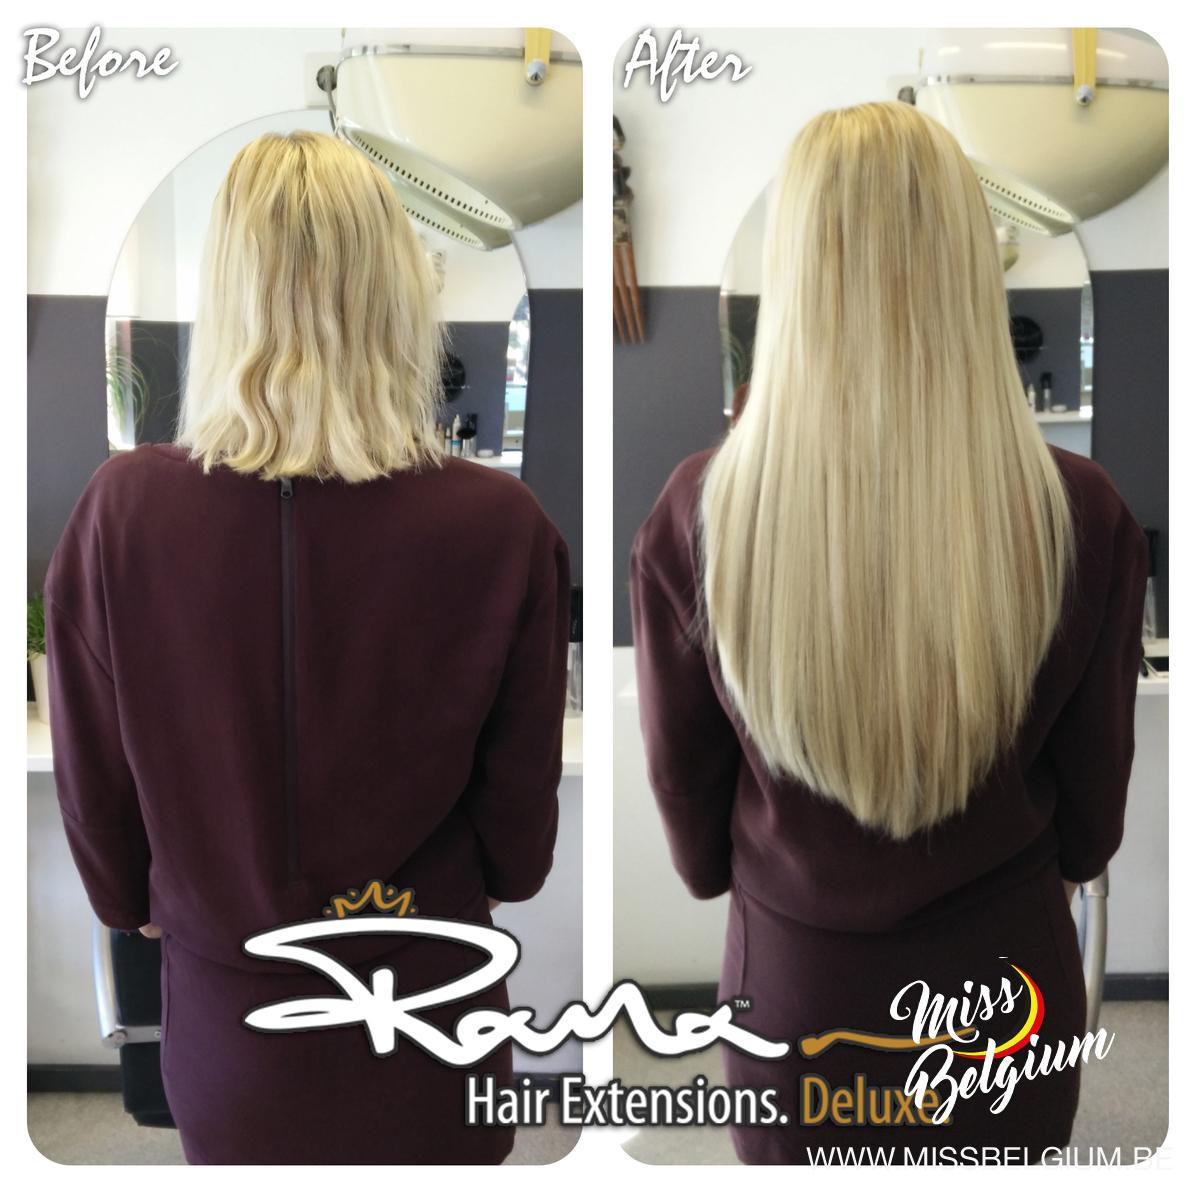 Voor en na met rana hair extensions miss belgium pmusecretfo Gallery